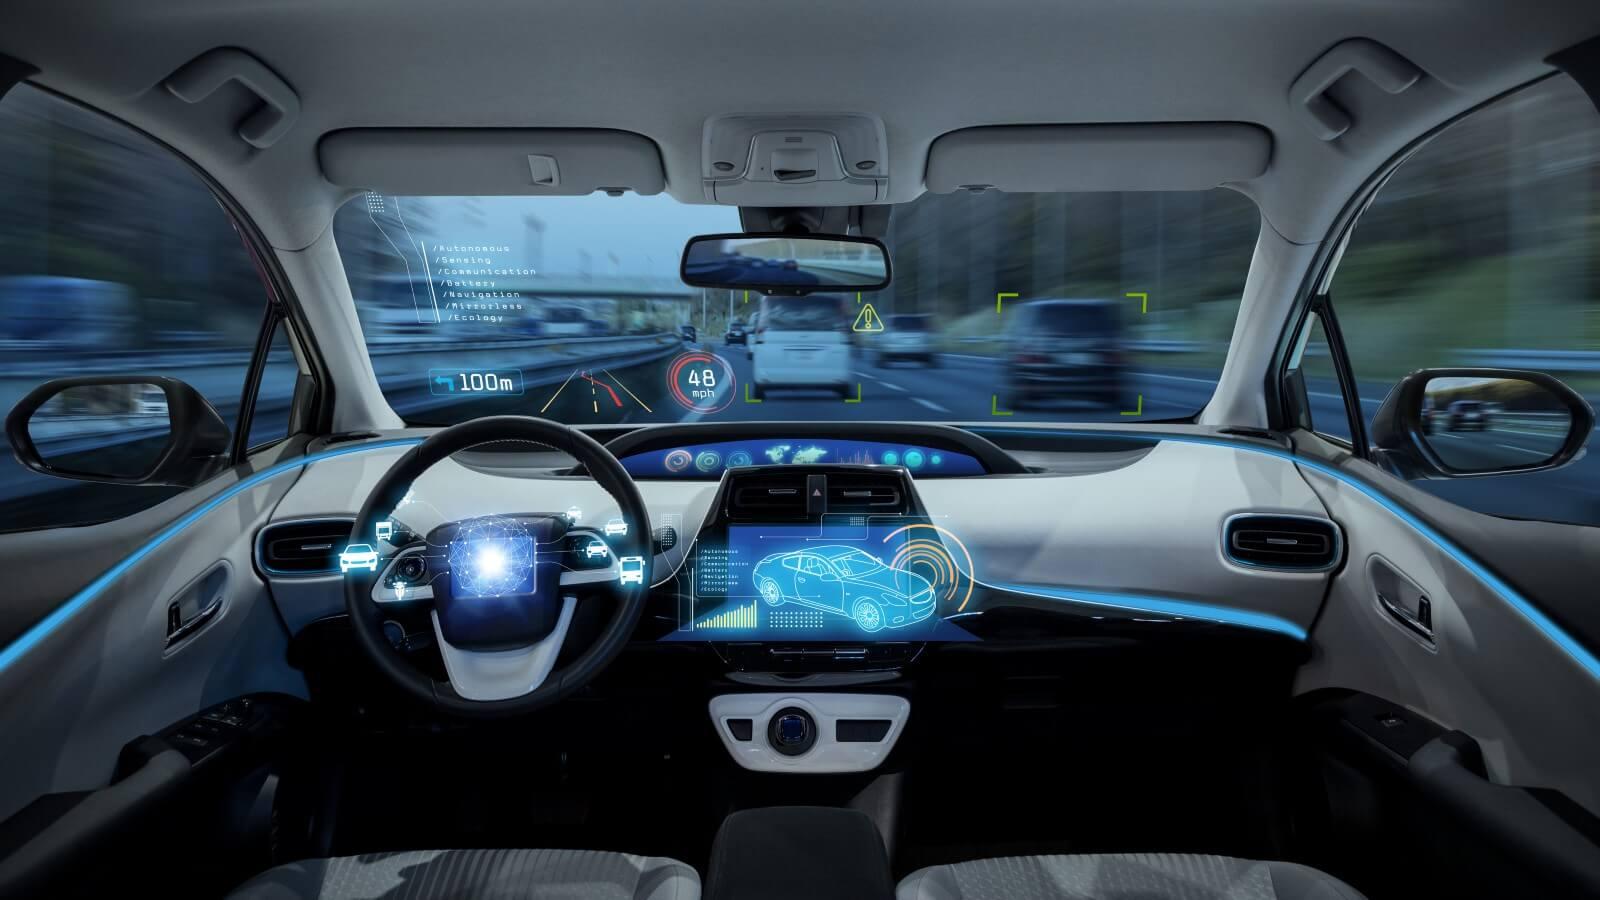 EletroExpo: 5 inovações tecnológicas que irão transformar o seu futuro